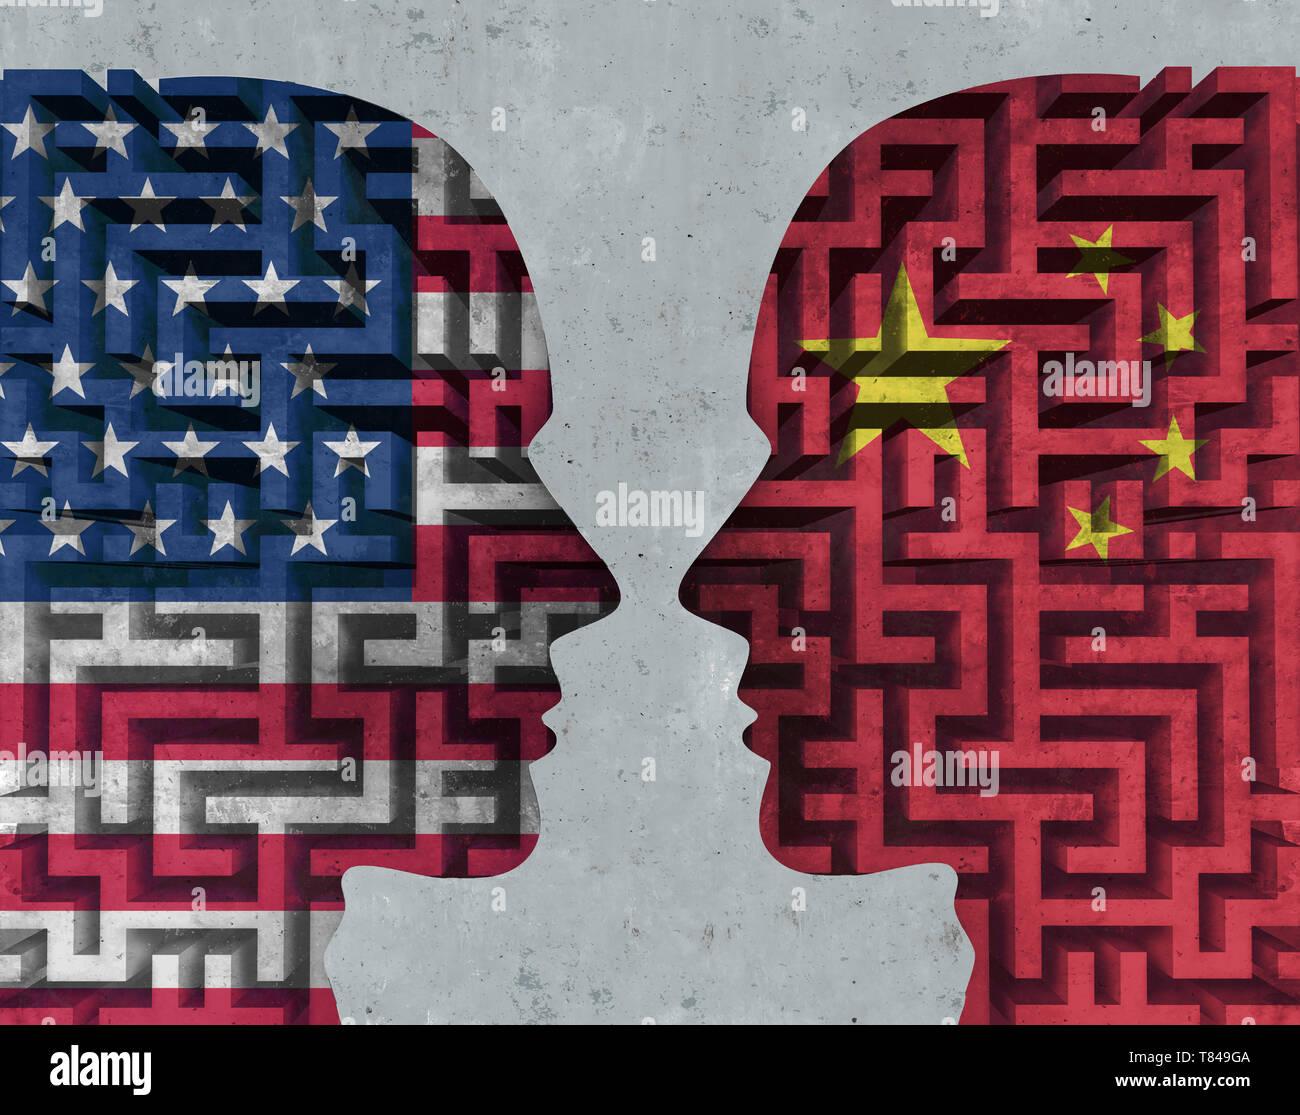 Estados Unidos China negociaciones y conversaciones de comercio desafío con los negociadores gubernamentales estadounidenses y chinos para resolver una disputa económica. Foto de stock